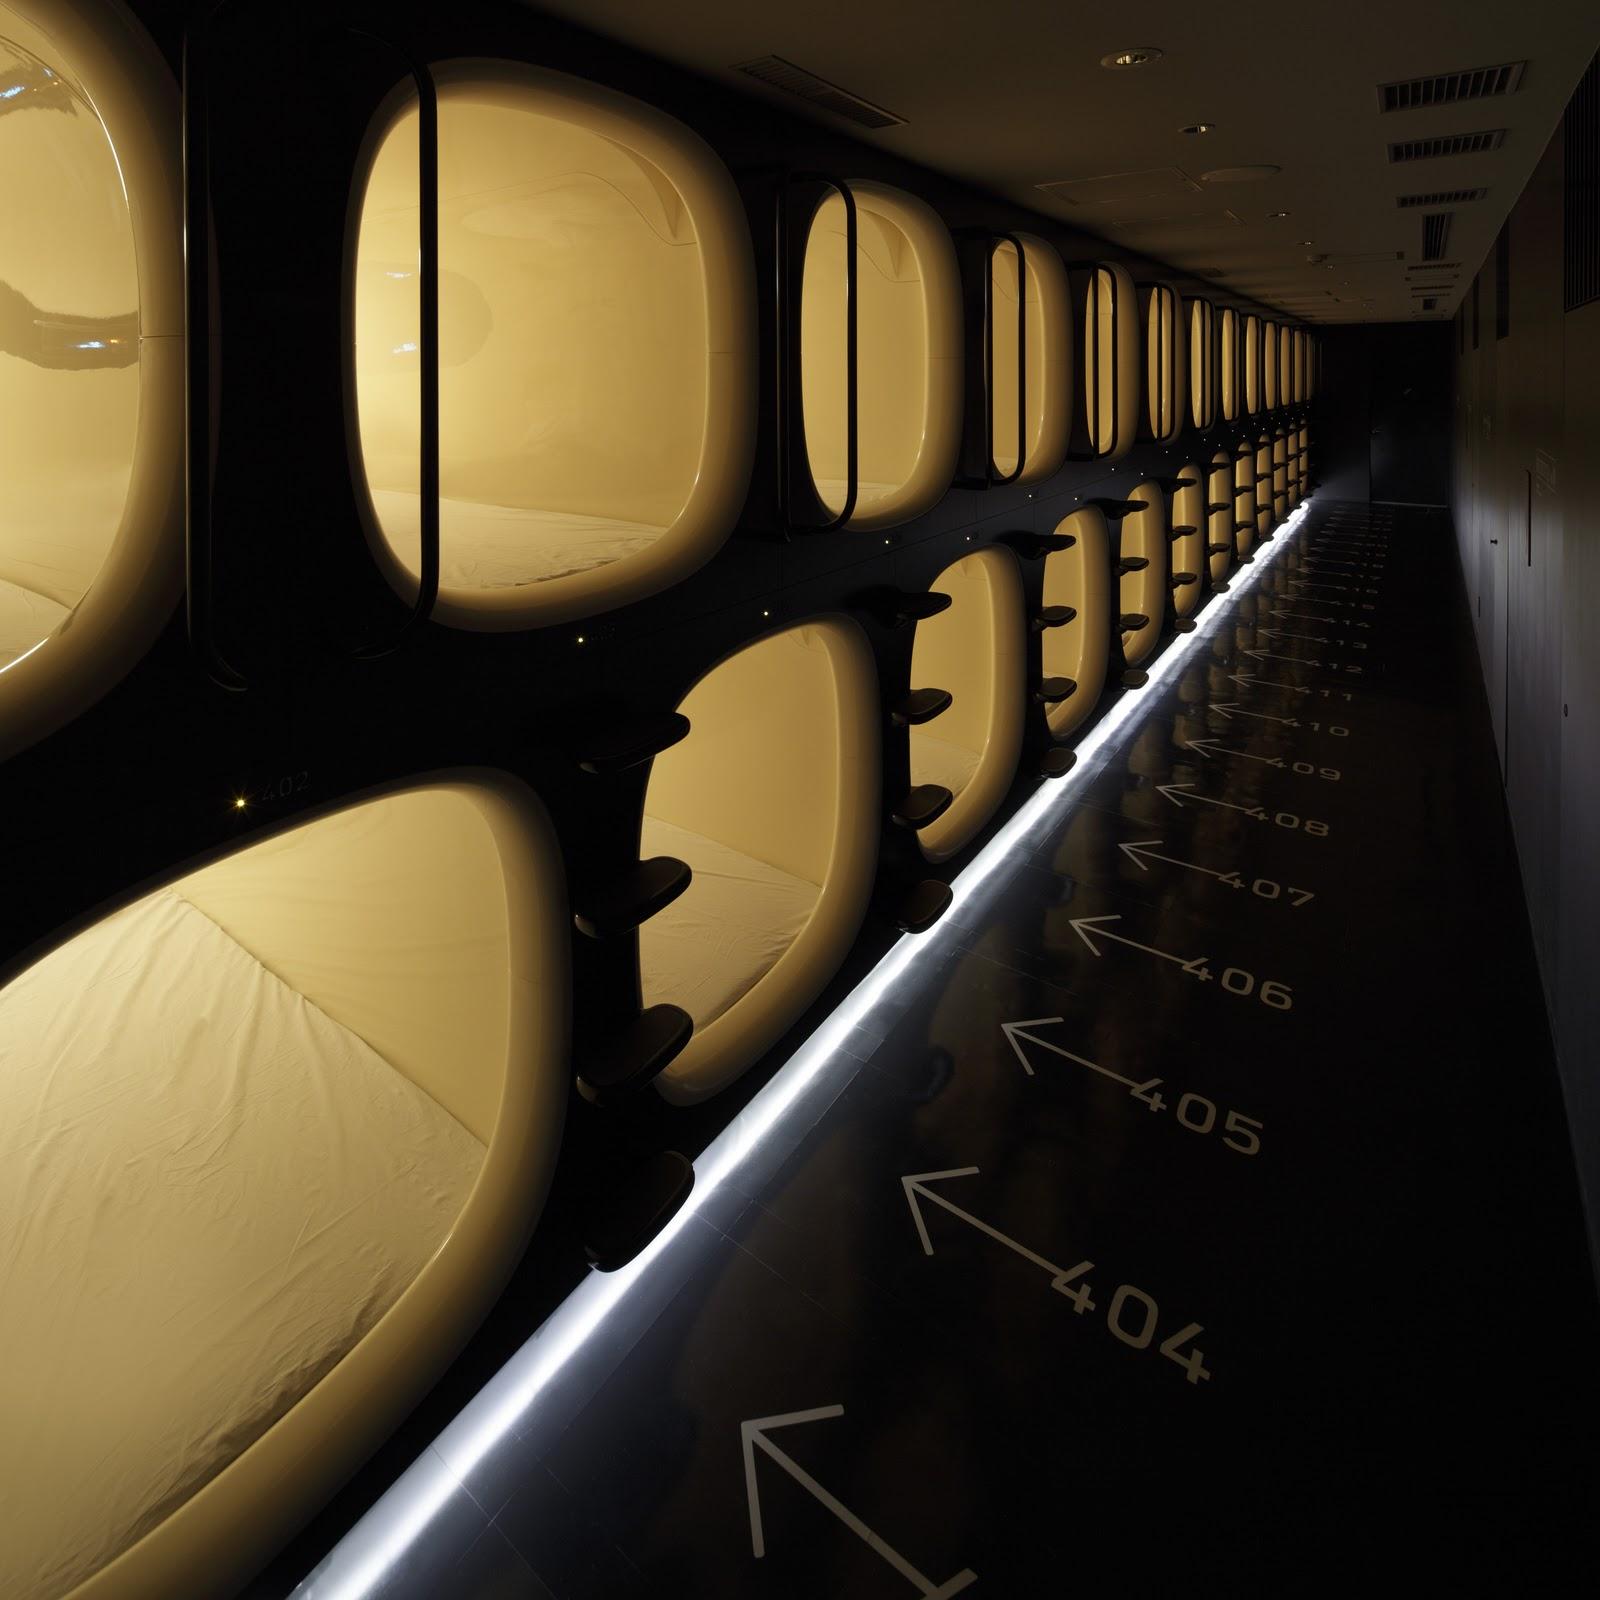 capsule_hotel_9h